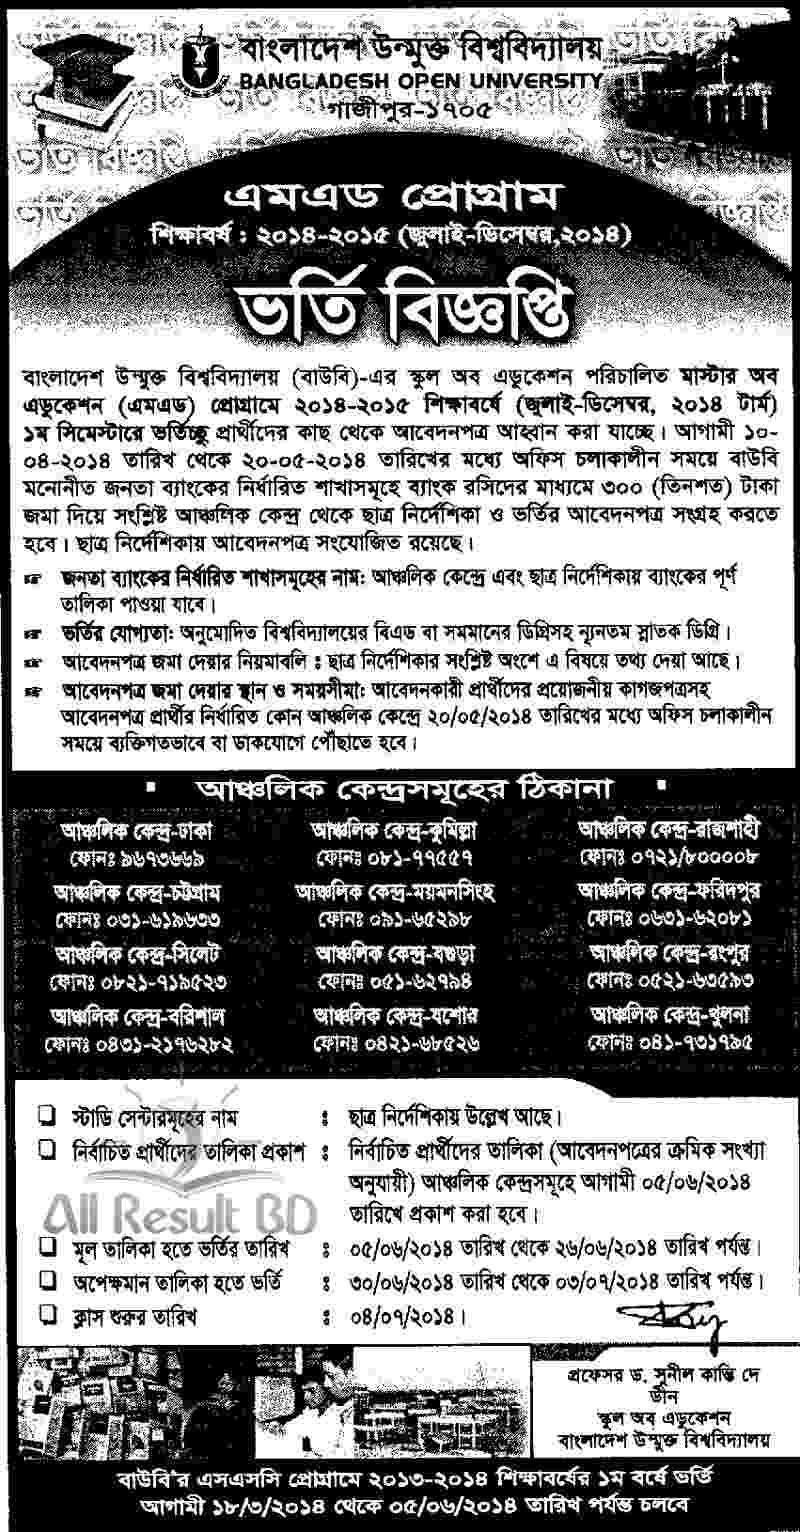 BOU MEd admission notice